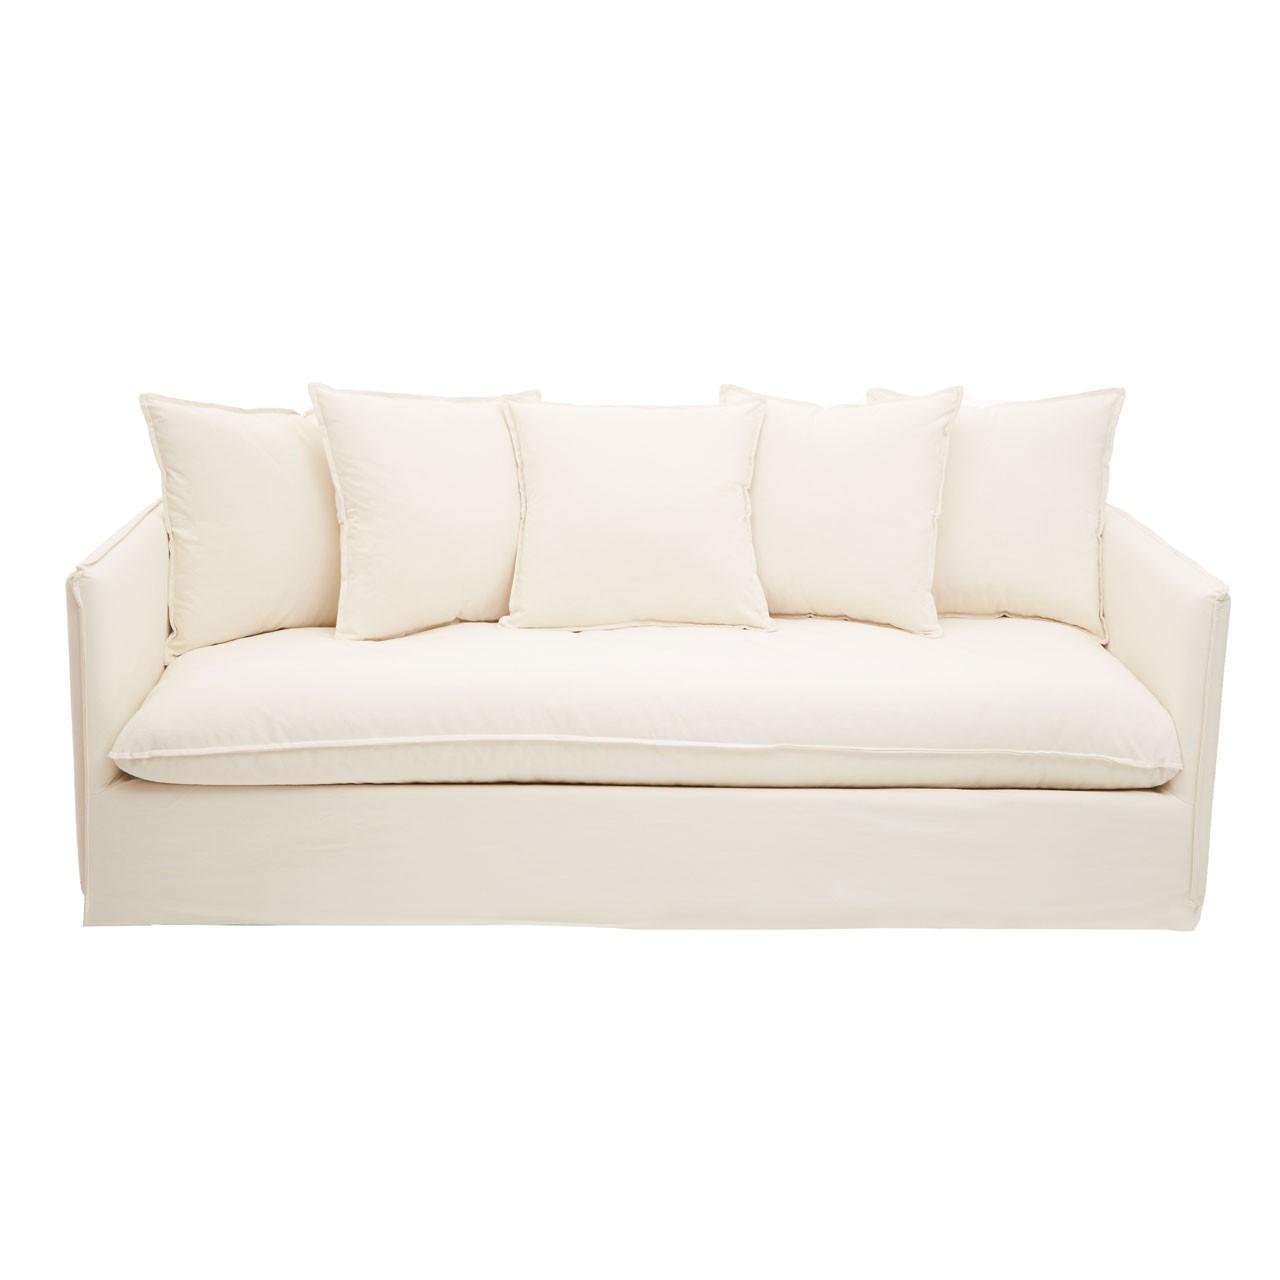 Cream Sofa UK